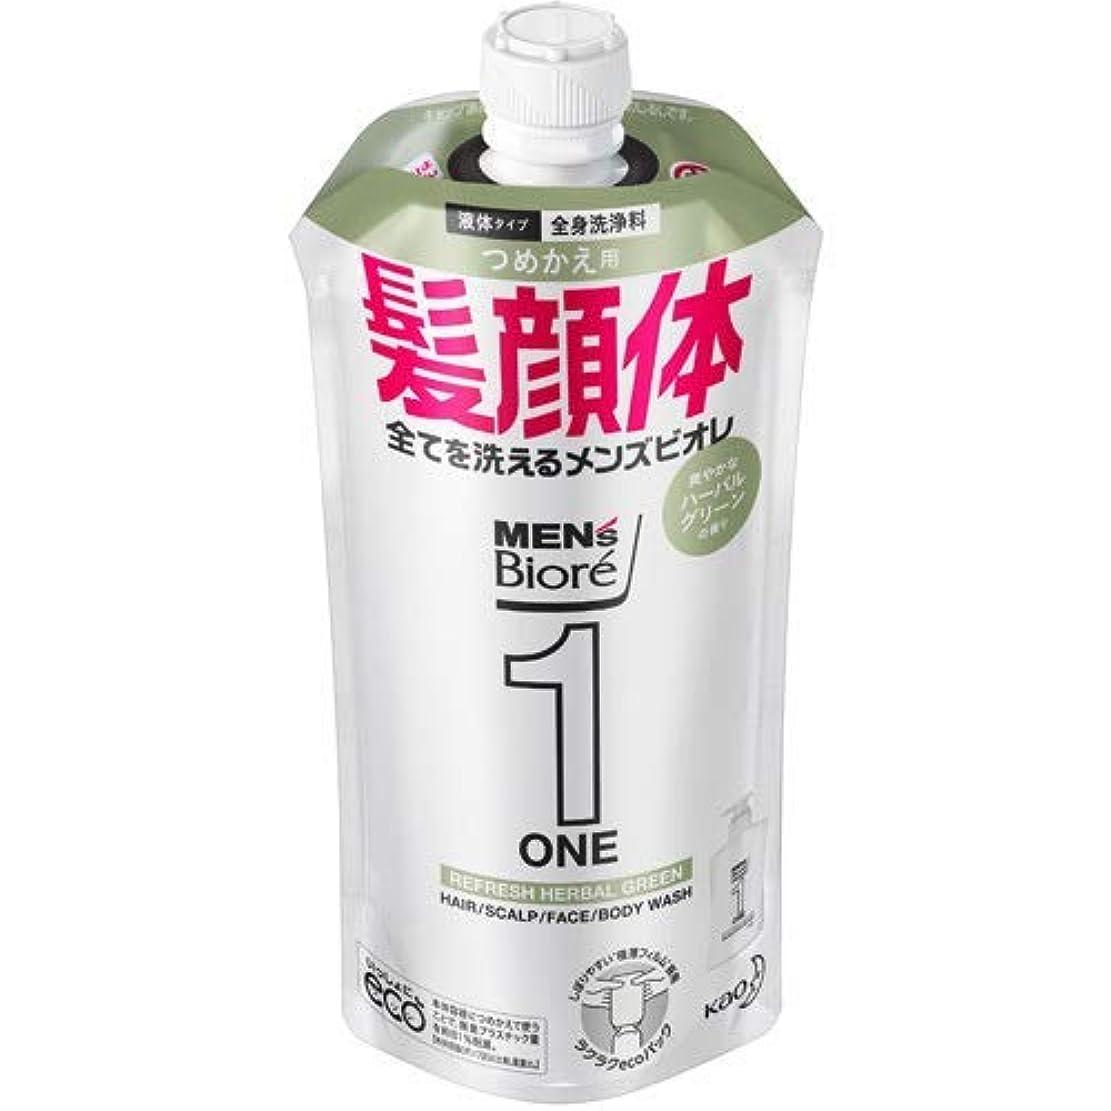 レコーダー体系的に公式【10個セット】メンズビオレONE オールインワン全身洗浄料 爽やかなハーブルグリーンの香り つめかえ用 340mL